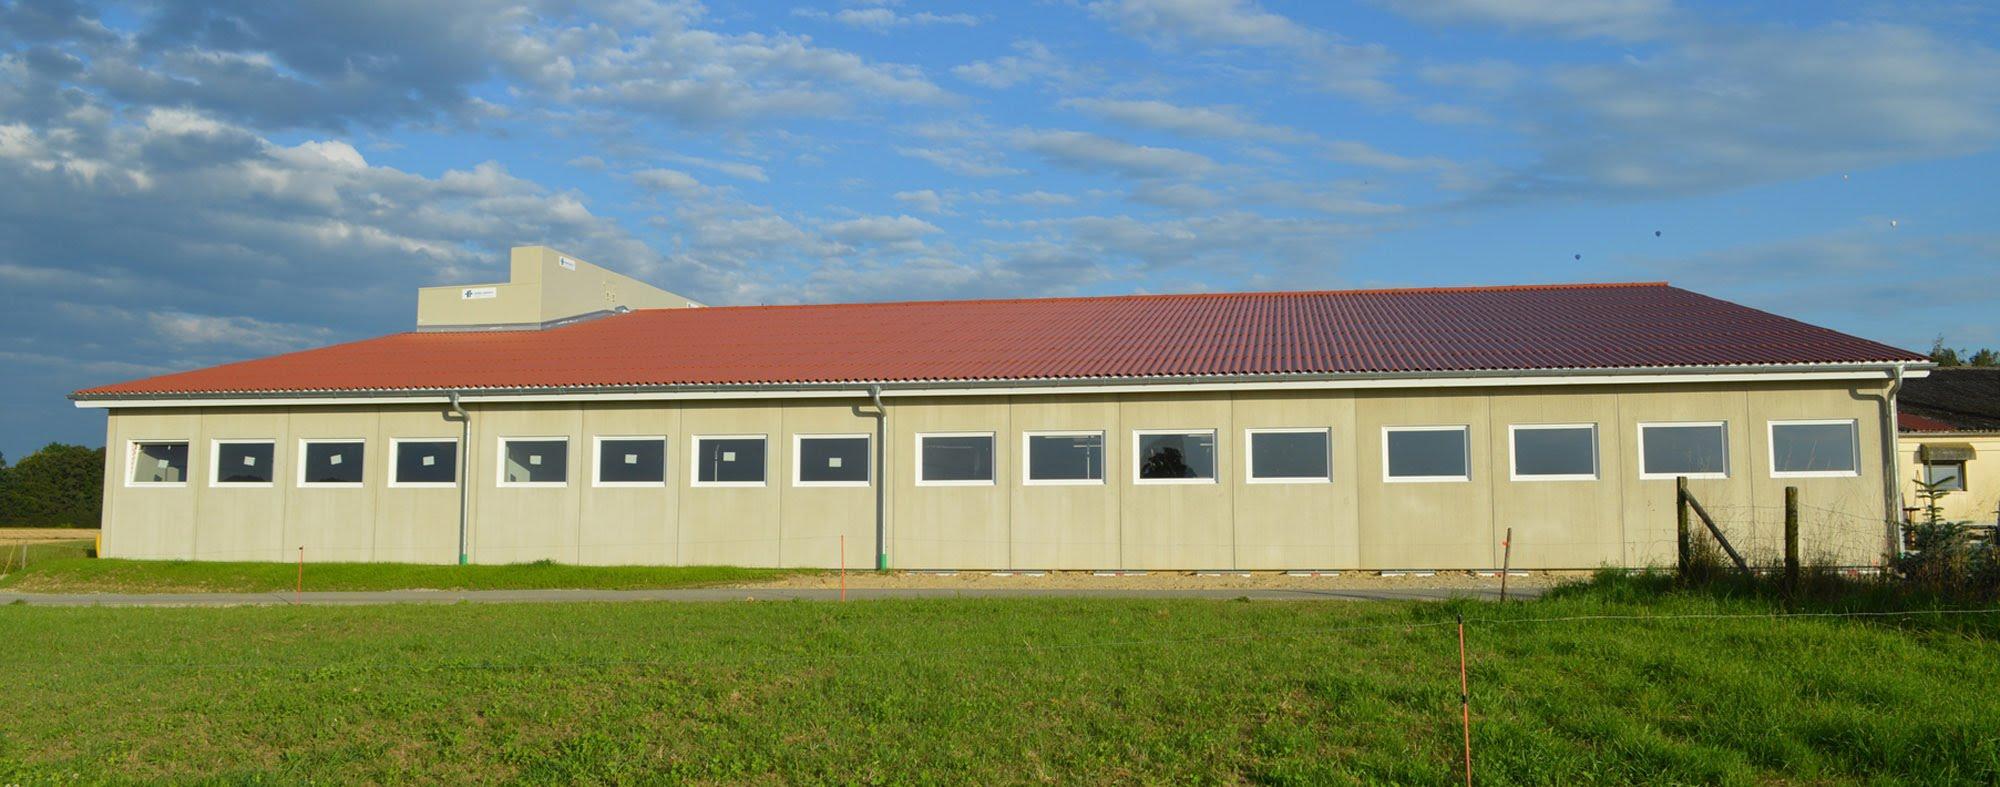 QM-Maststall Elementbauweise, Graltshausen